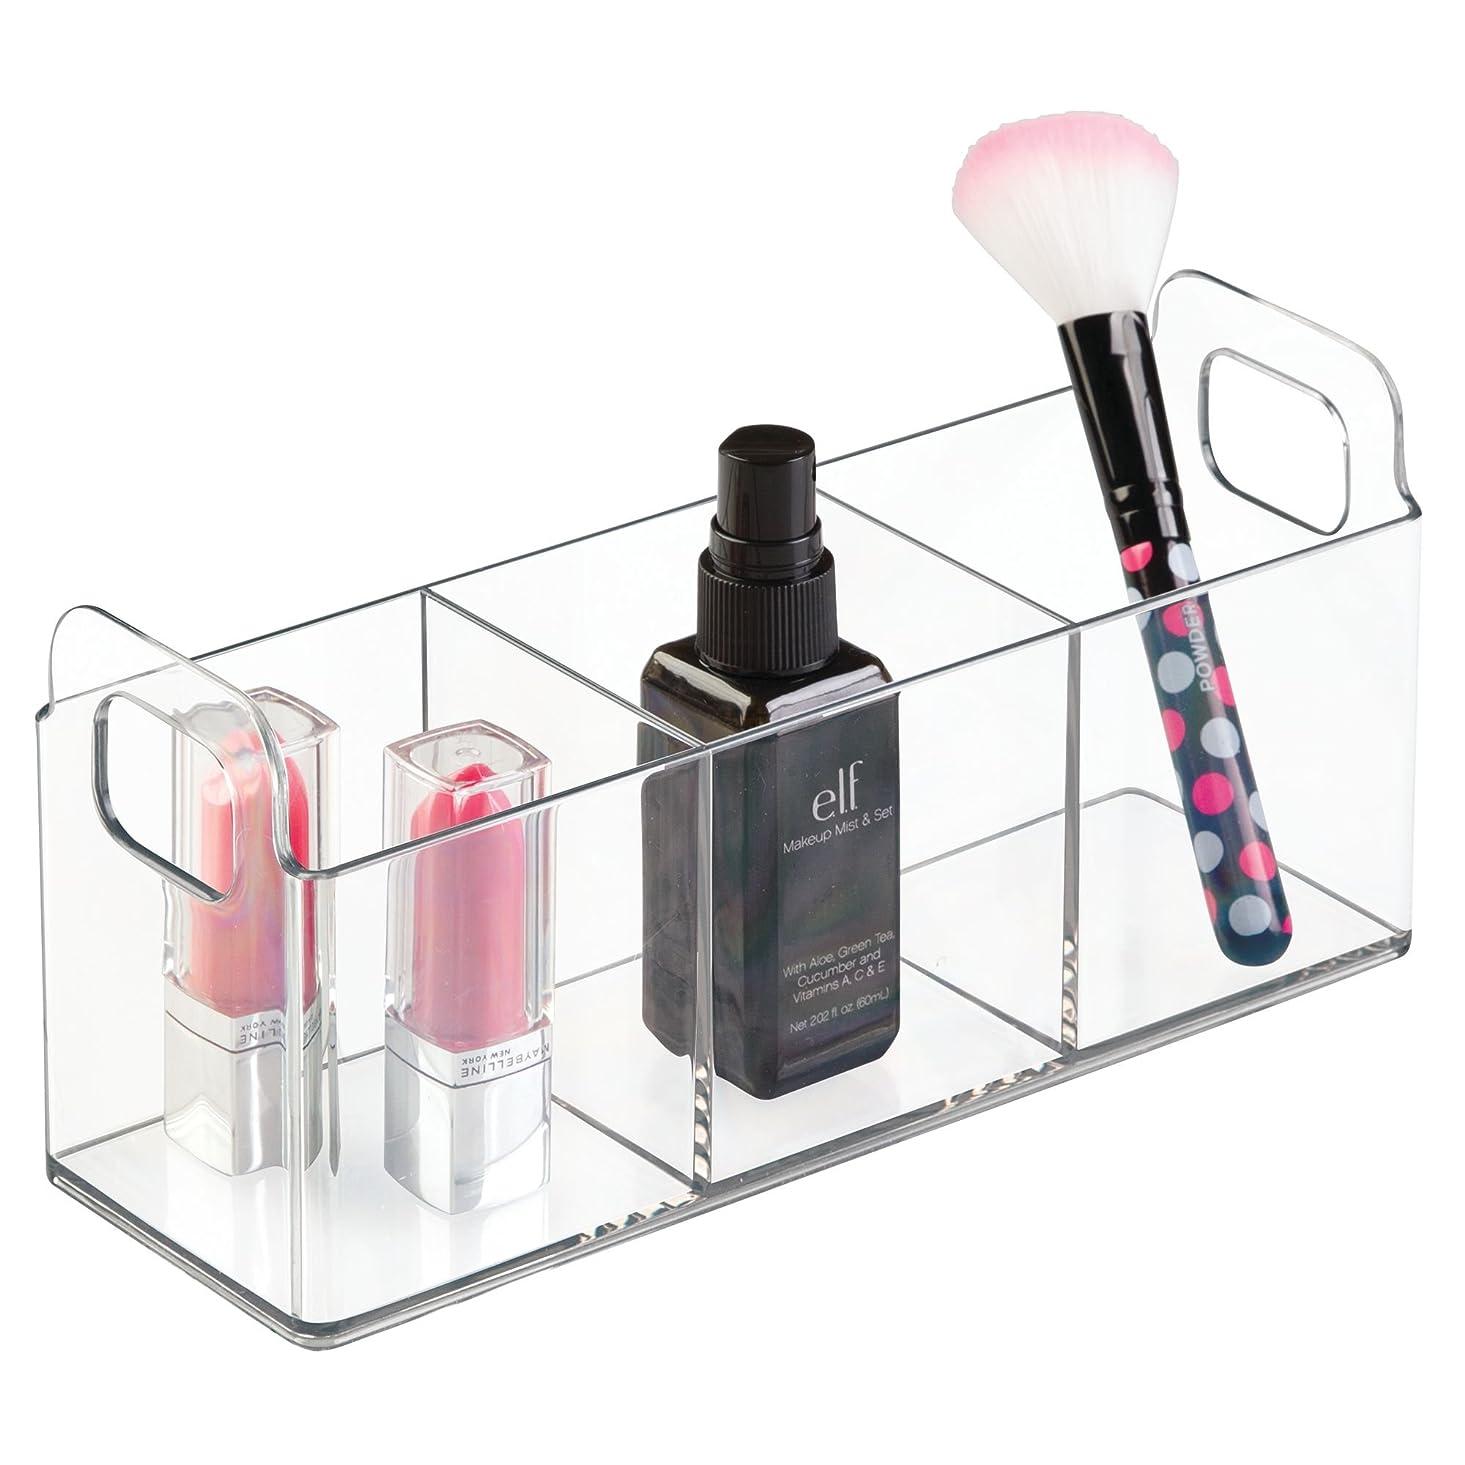 適合屋内増幅するInterDesign 洗面所 化粧品 小物 収納 ボックス オーガナイザー Clarity 23 x 7.5 x 10 31420EJ